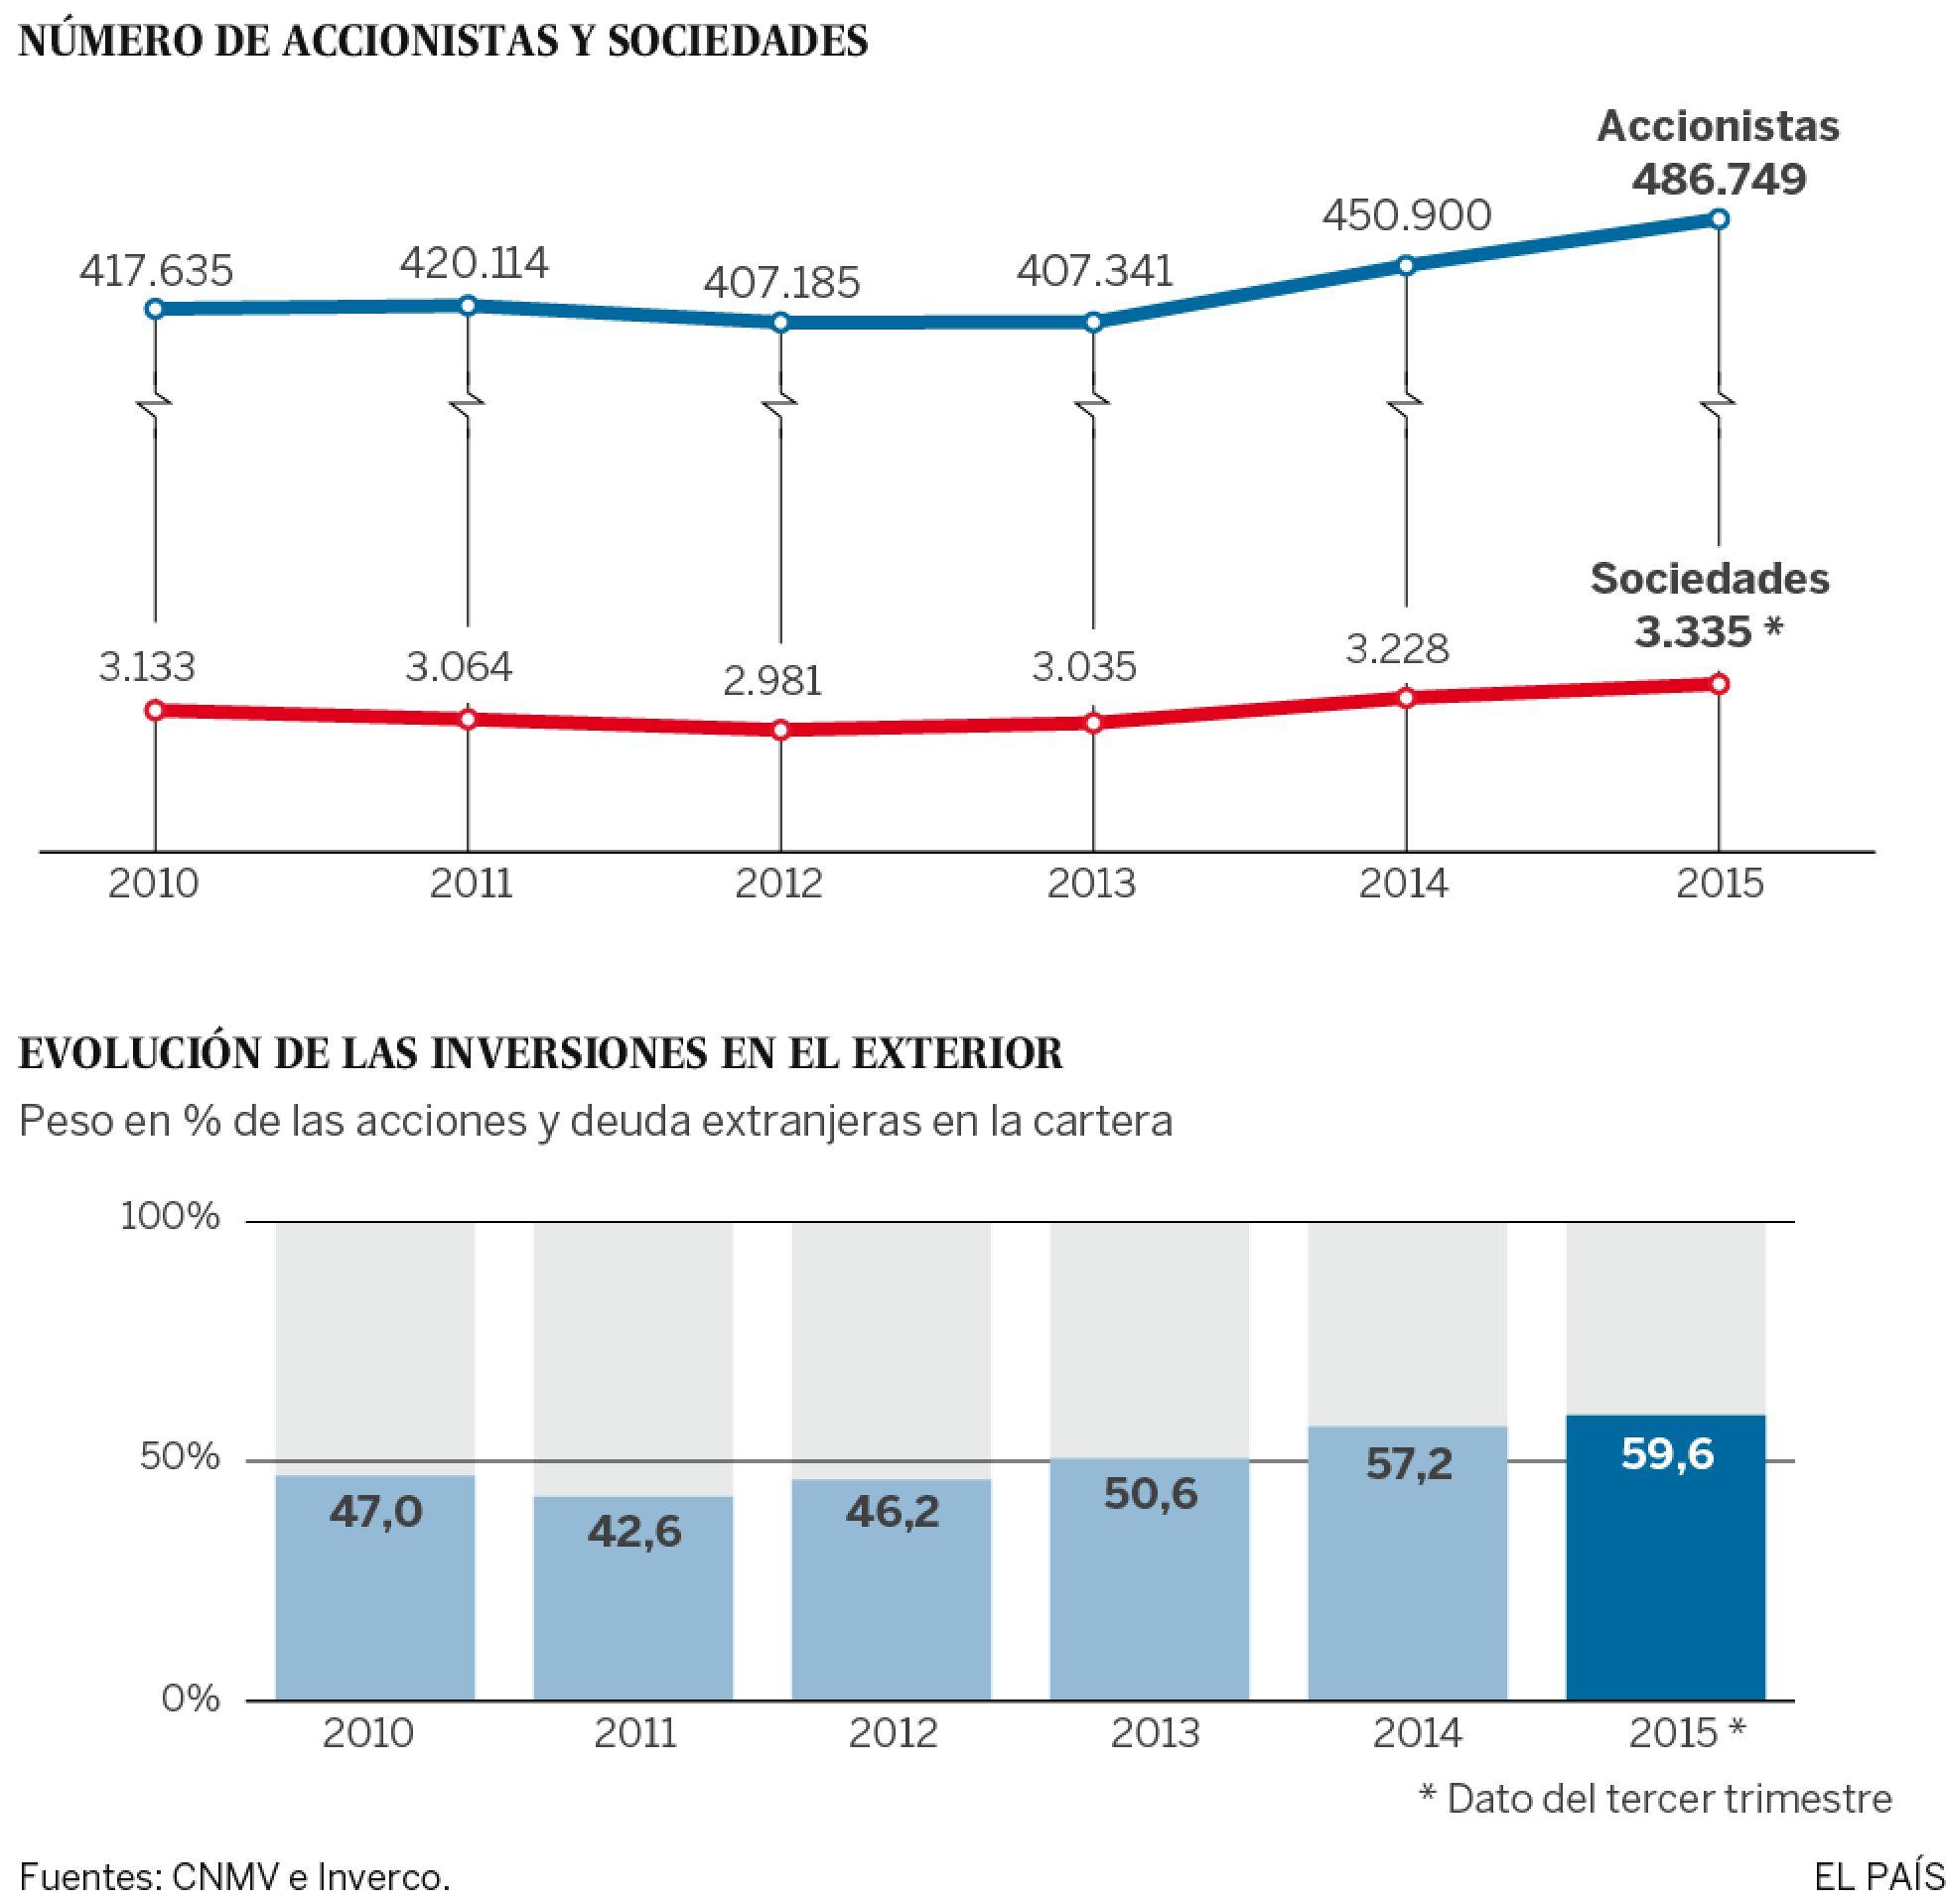 España: Impuestos de patrimonio, renta y sociedades. Presión clasista del capital. 1456069352_716823_1456077156_sumario_normal_recorte1